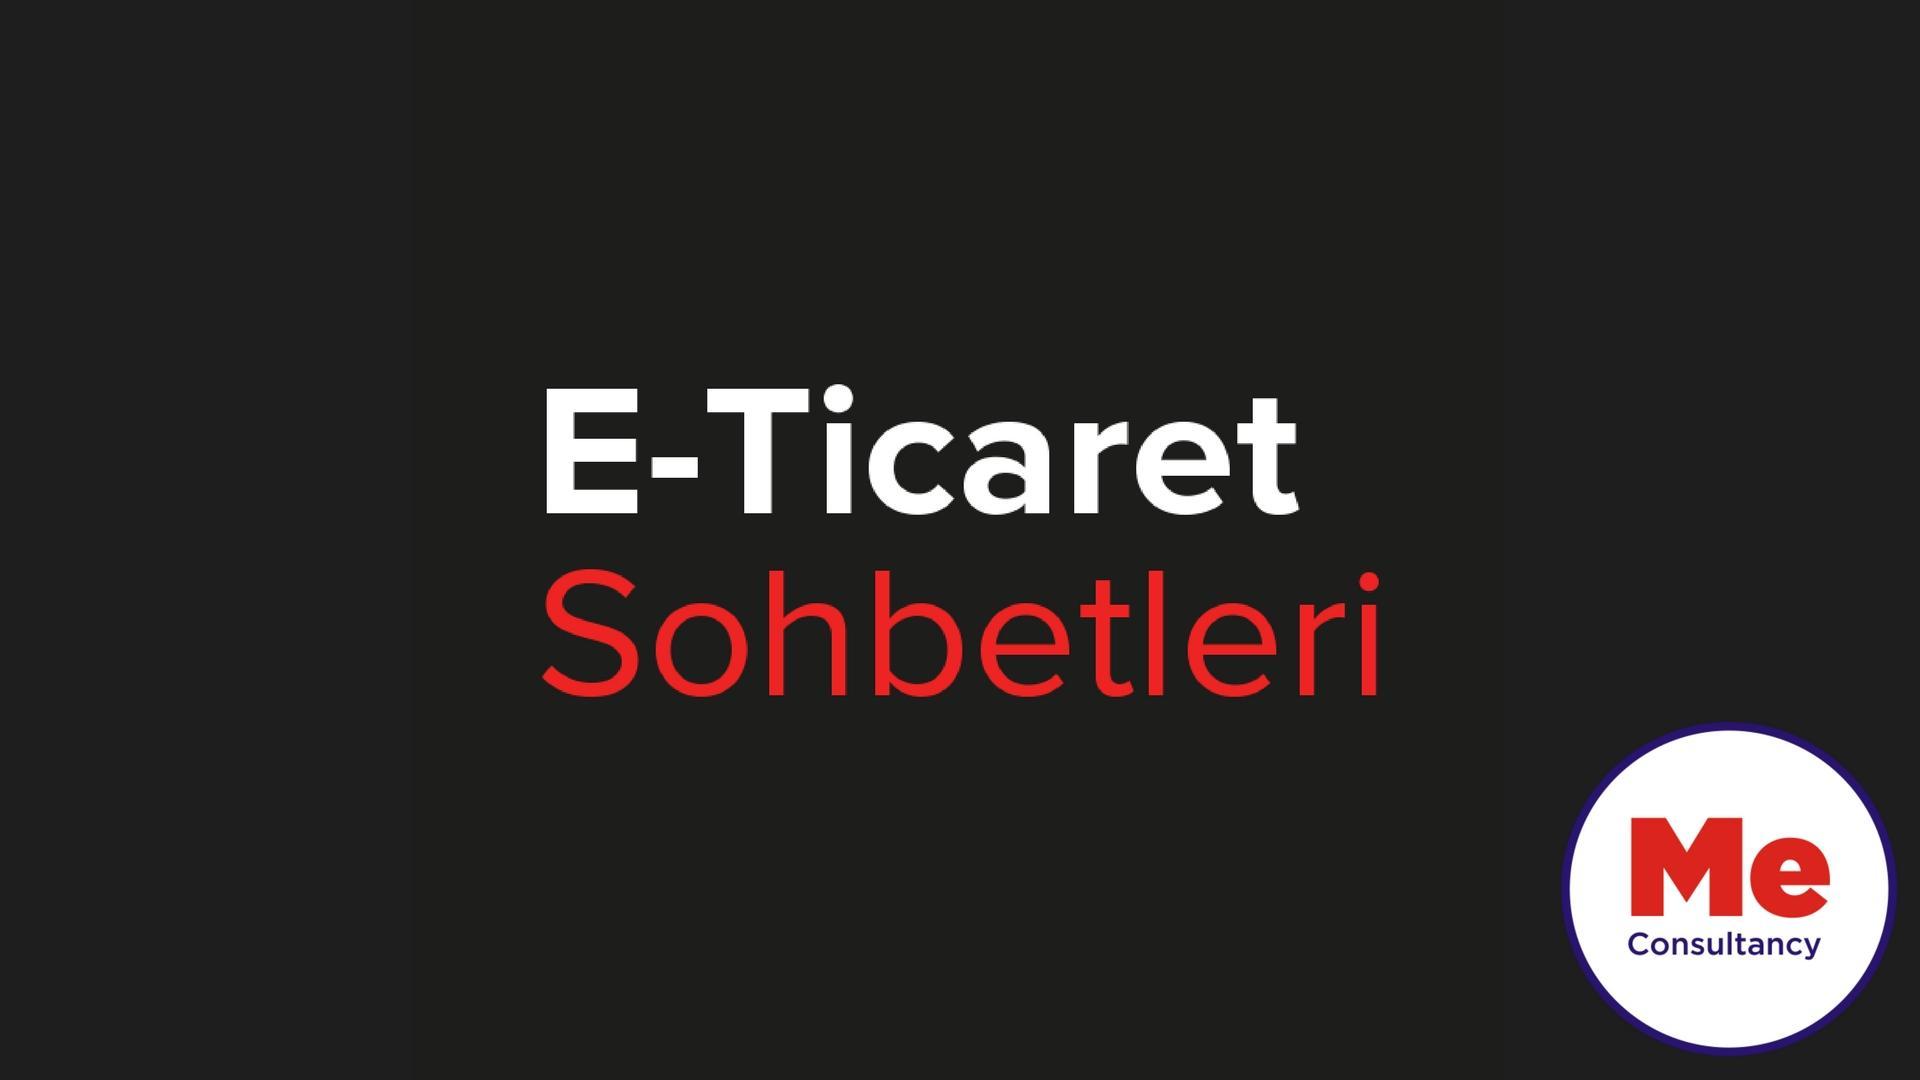 E-Ticaret Sohbetleri - MAYIS 2018 Etkinlik Afişi